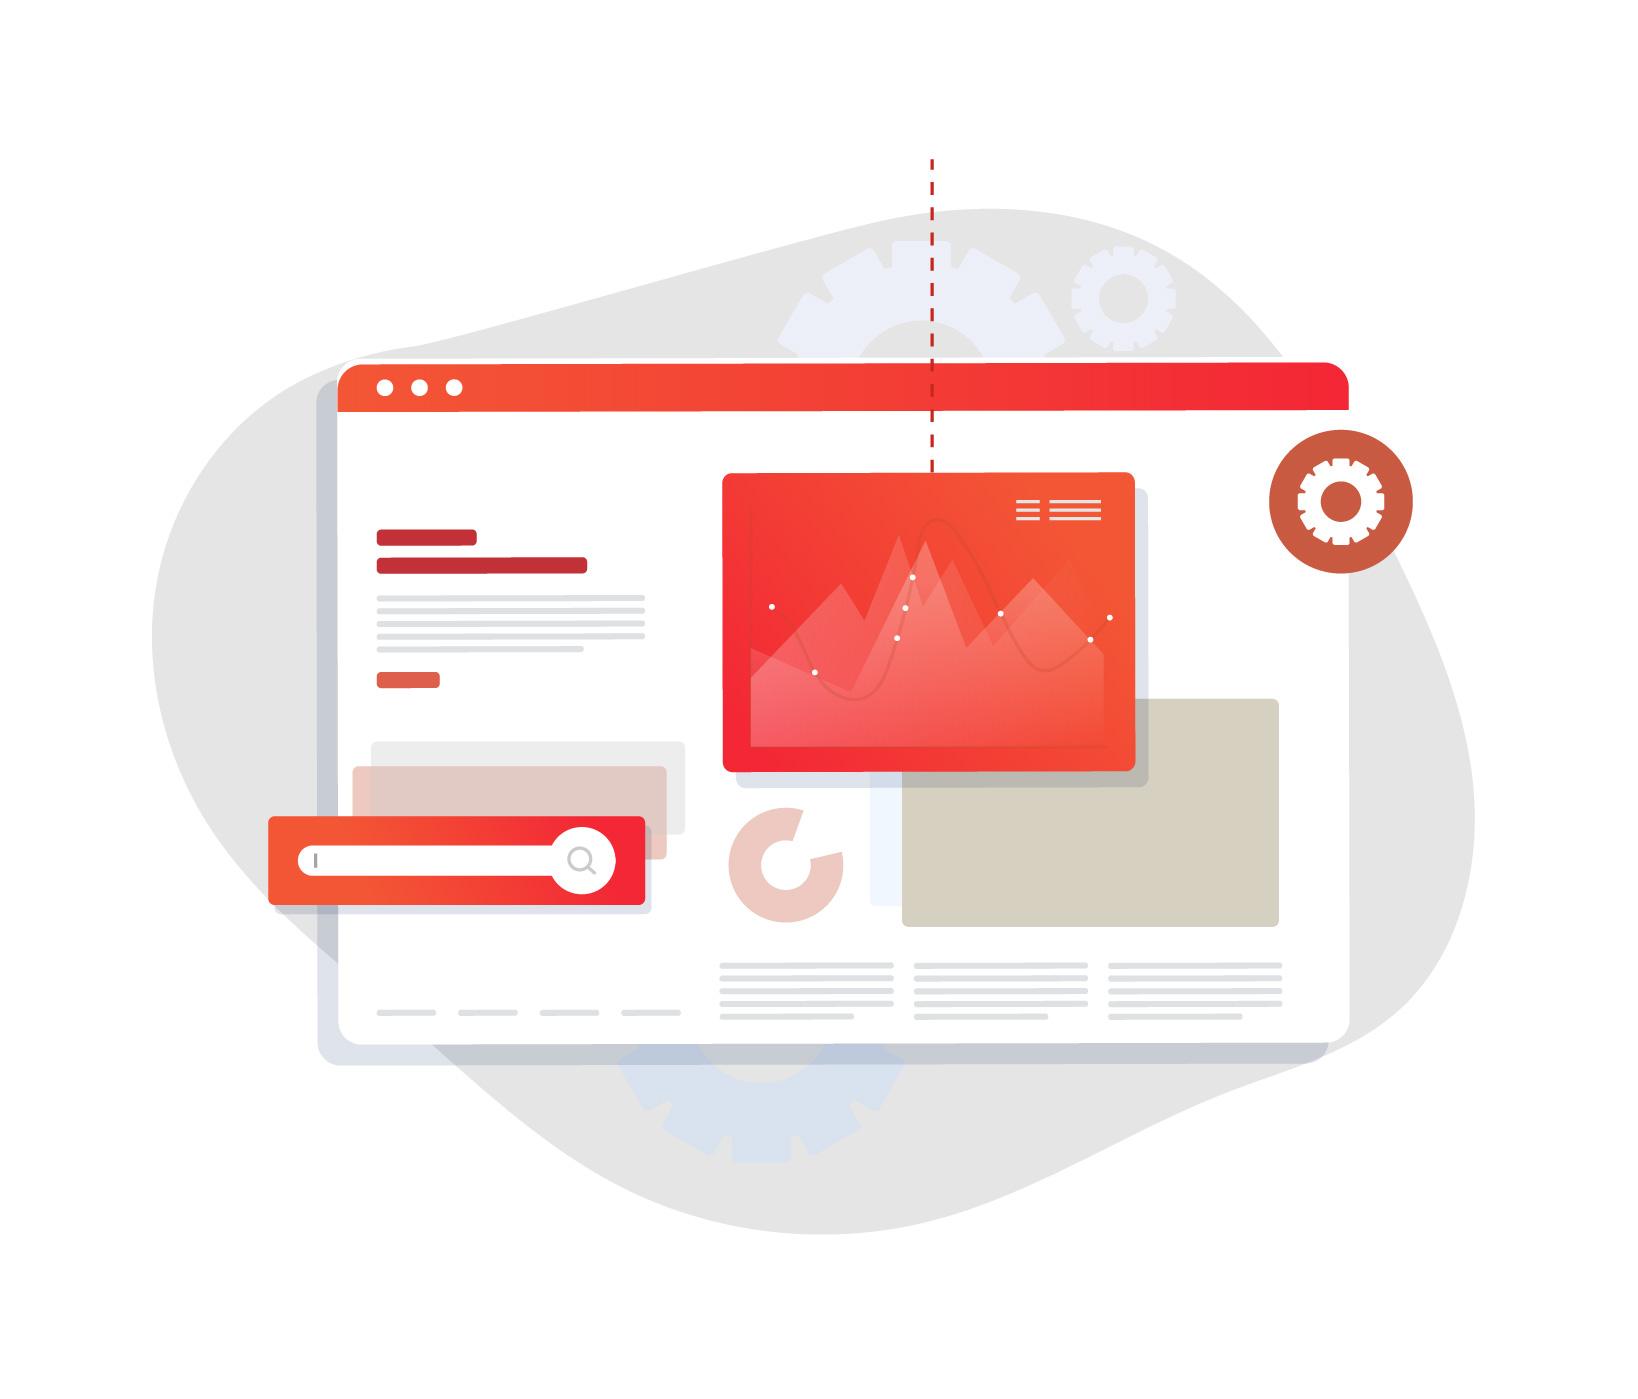 Diseño UX y UI en mi página web